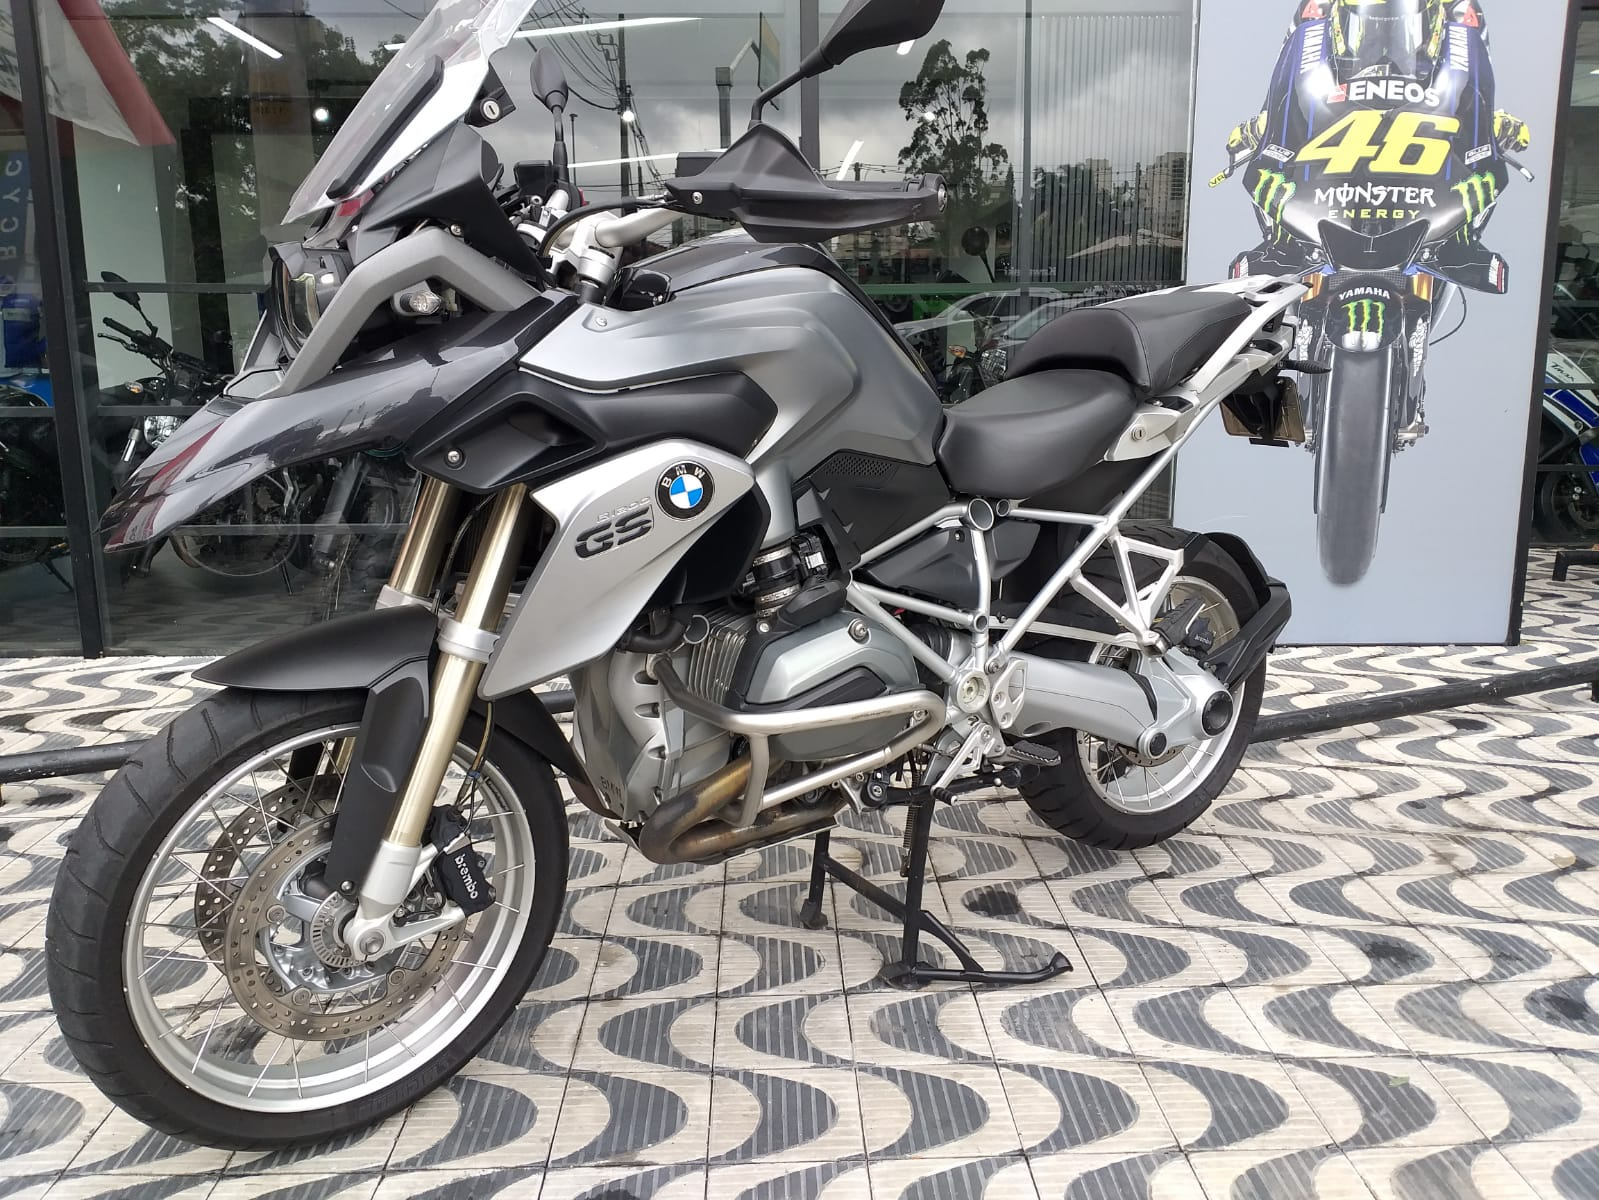 GS1200 PREMIUM